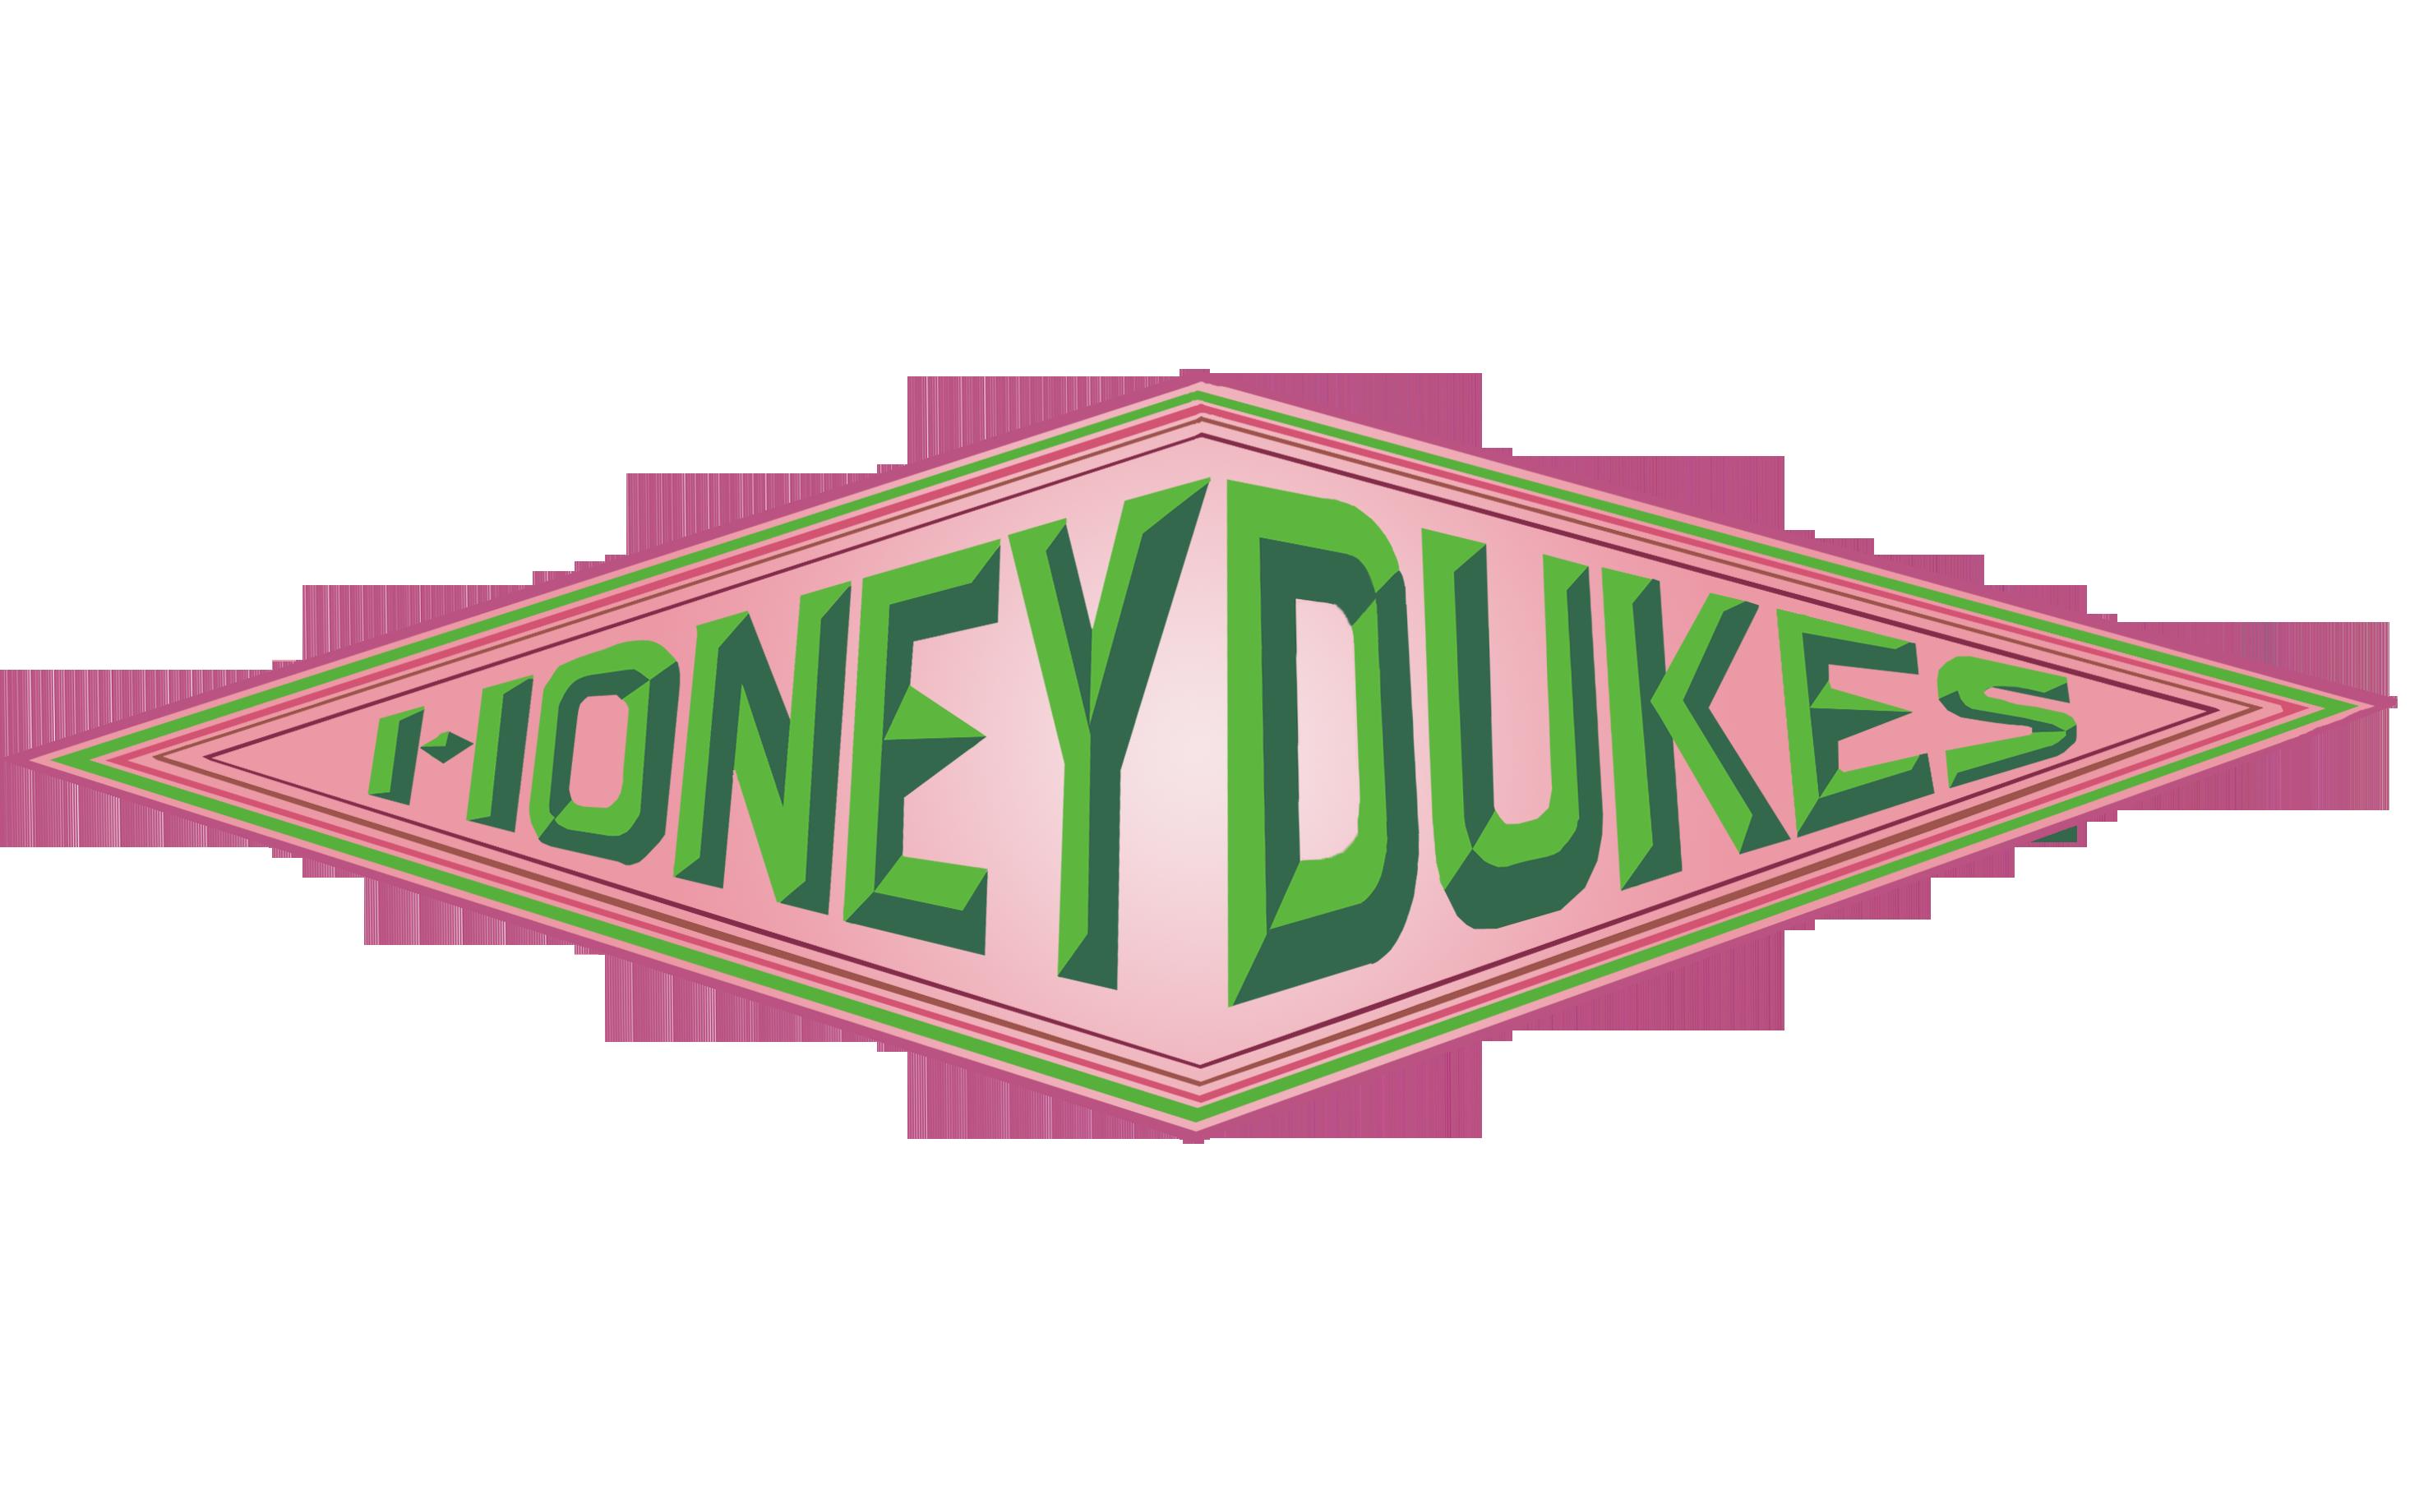 Slime clipart snot. Honeydukes logo related keywords